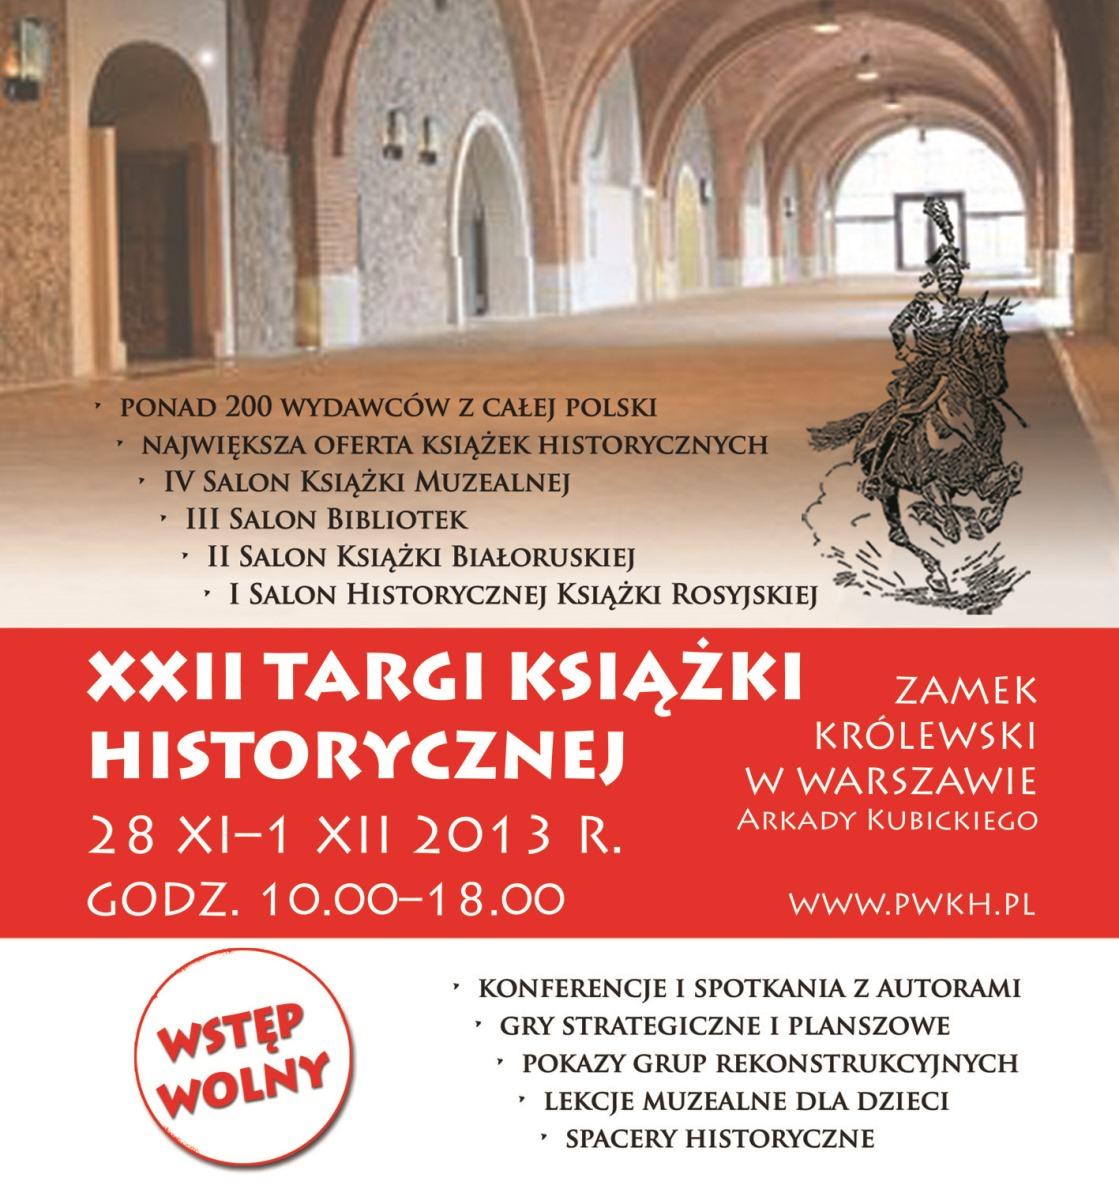 Targi Książki Historycznej – plakat (źródło: materiały prasowe)